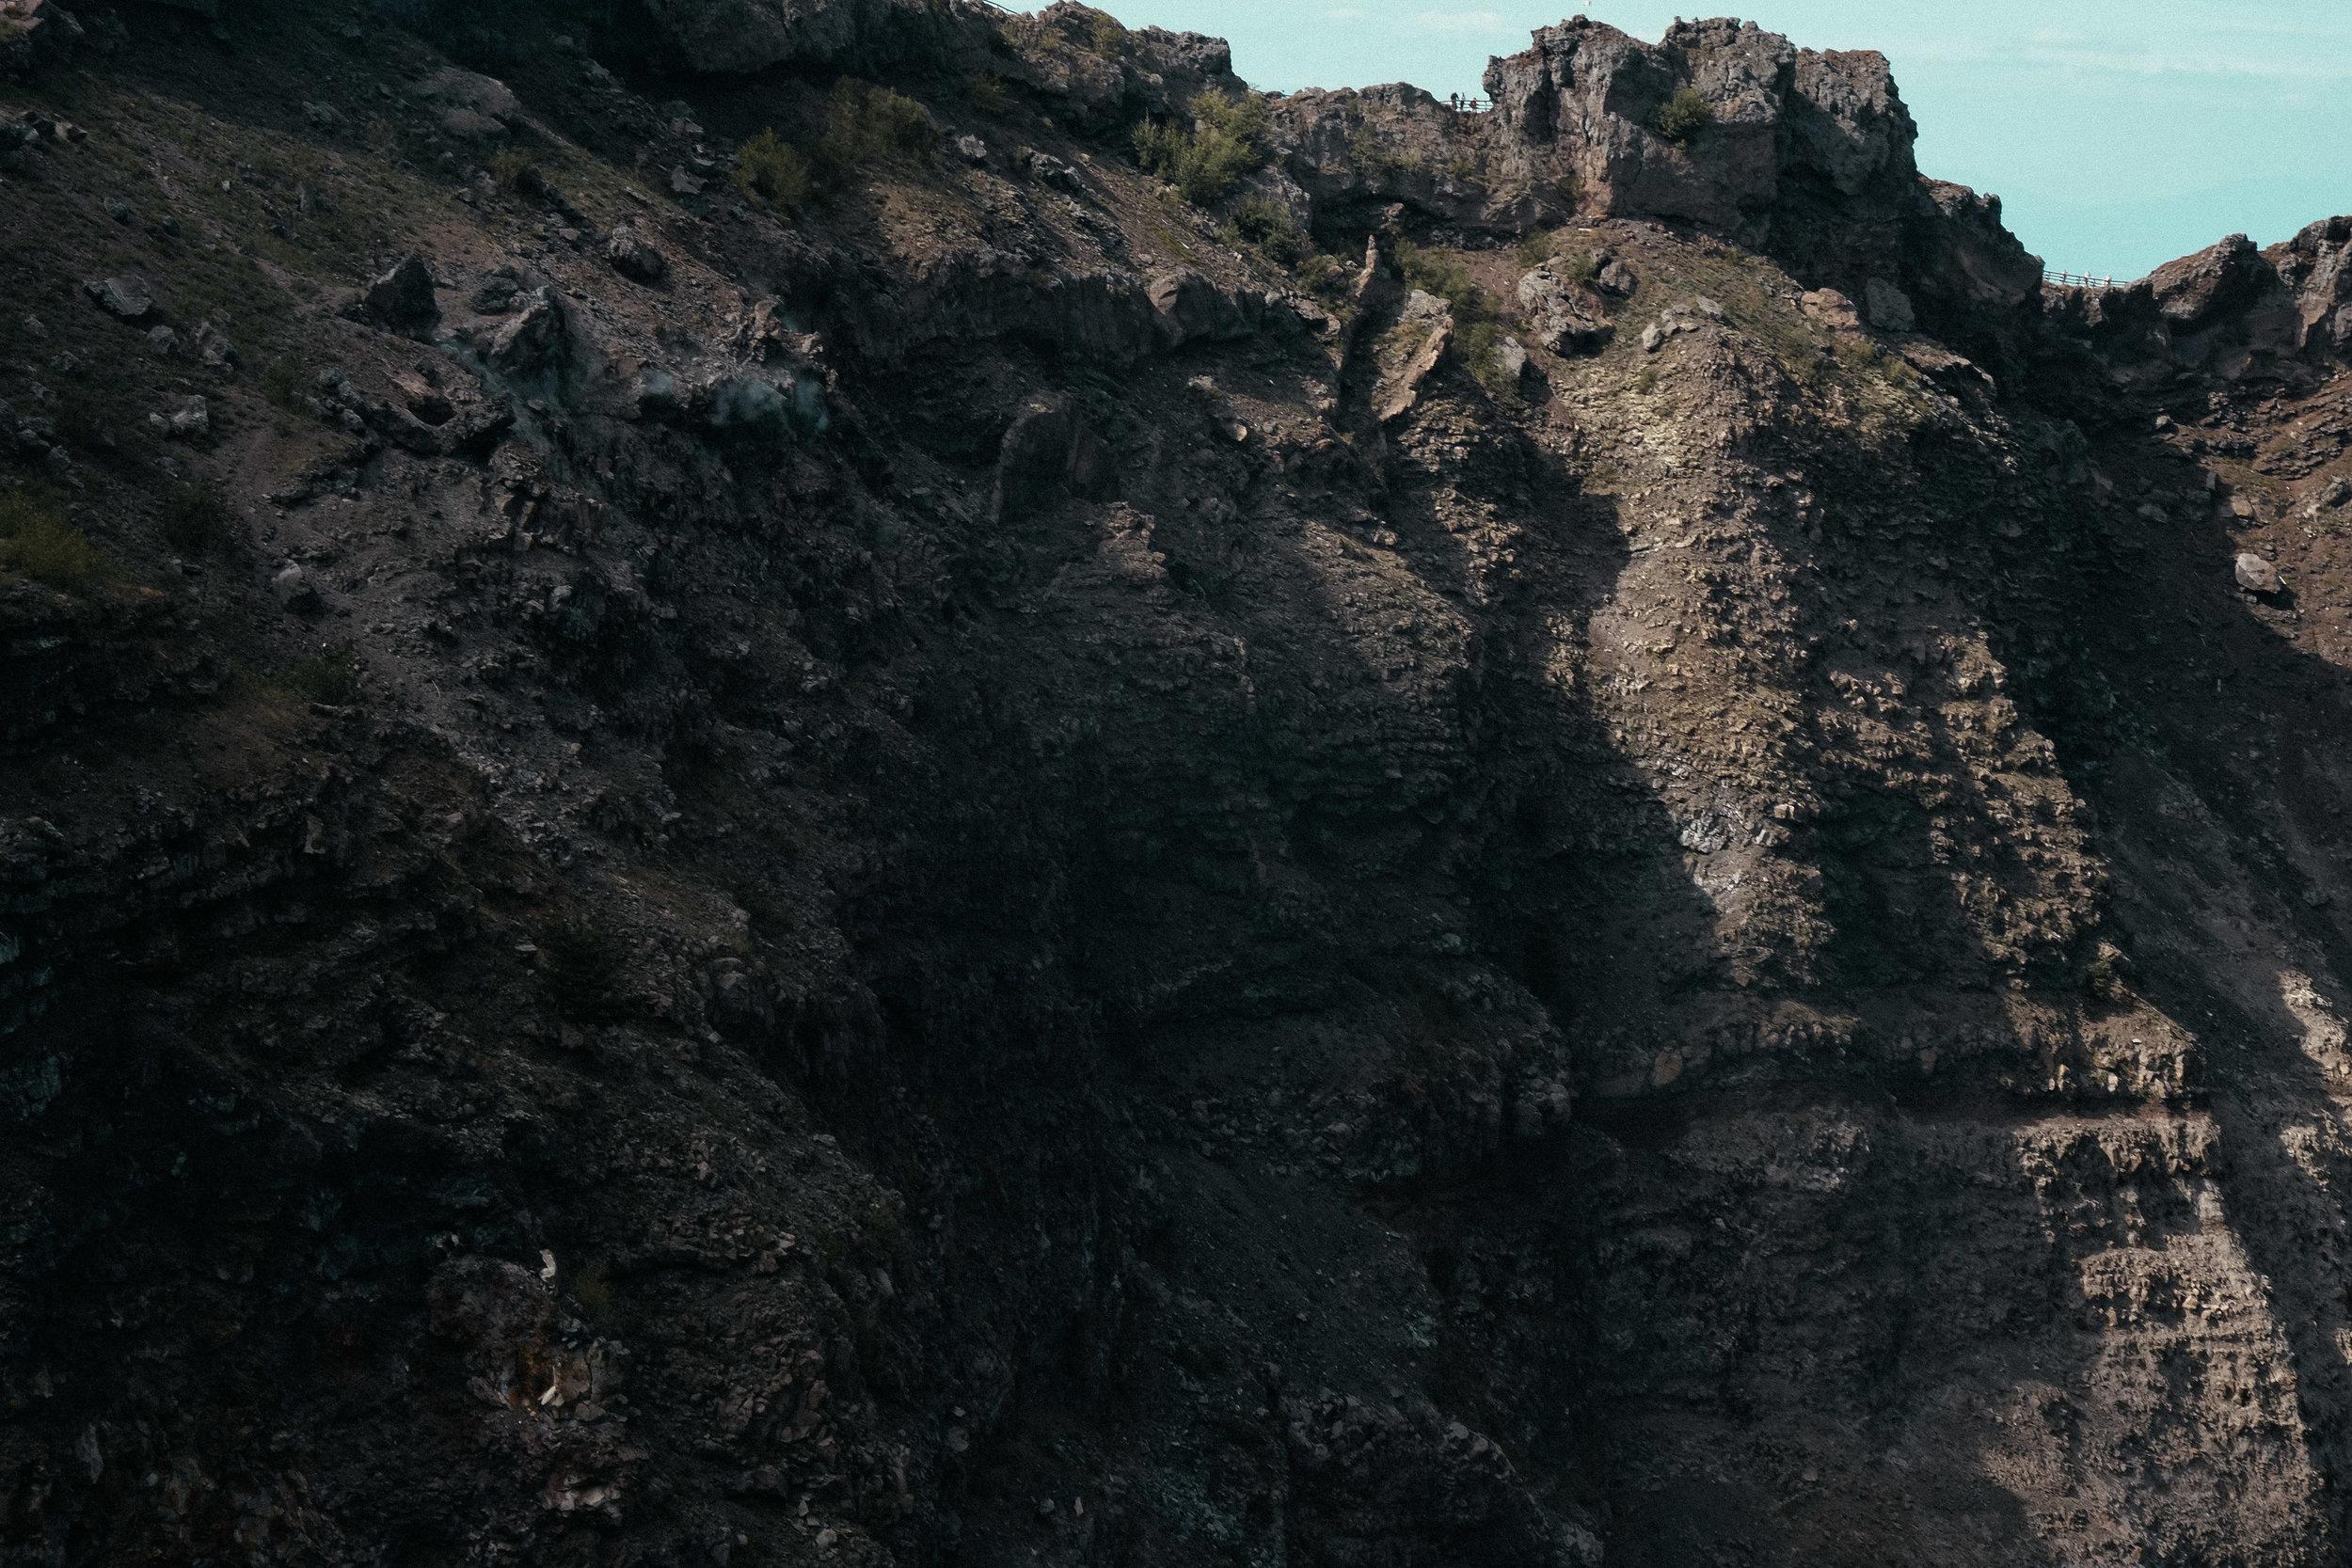 Lesly Lotha_Mount Vesuvius_Italy 06.jpg